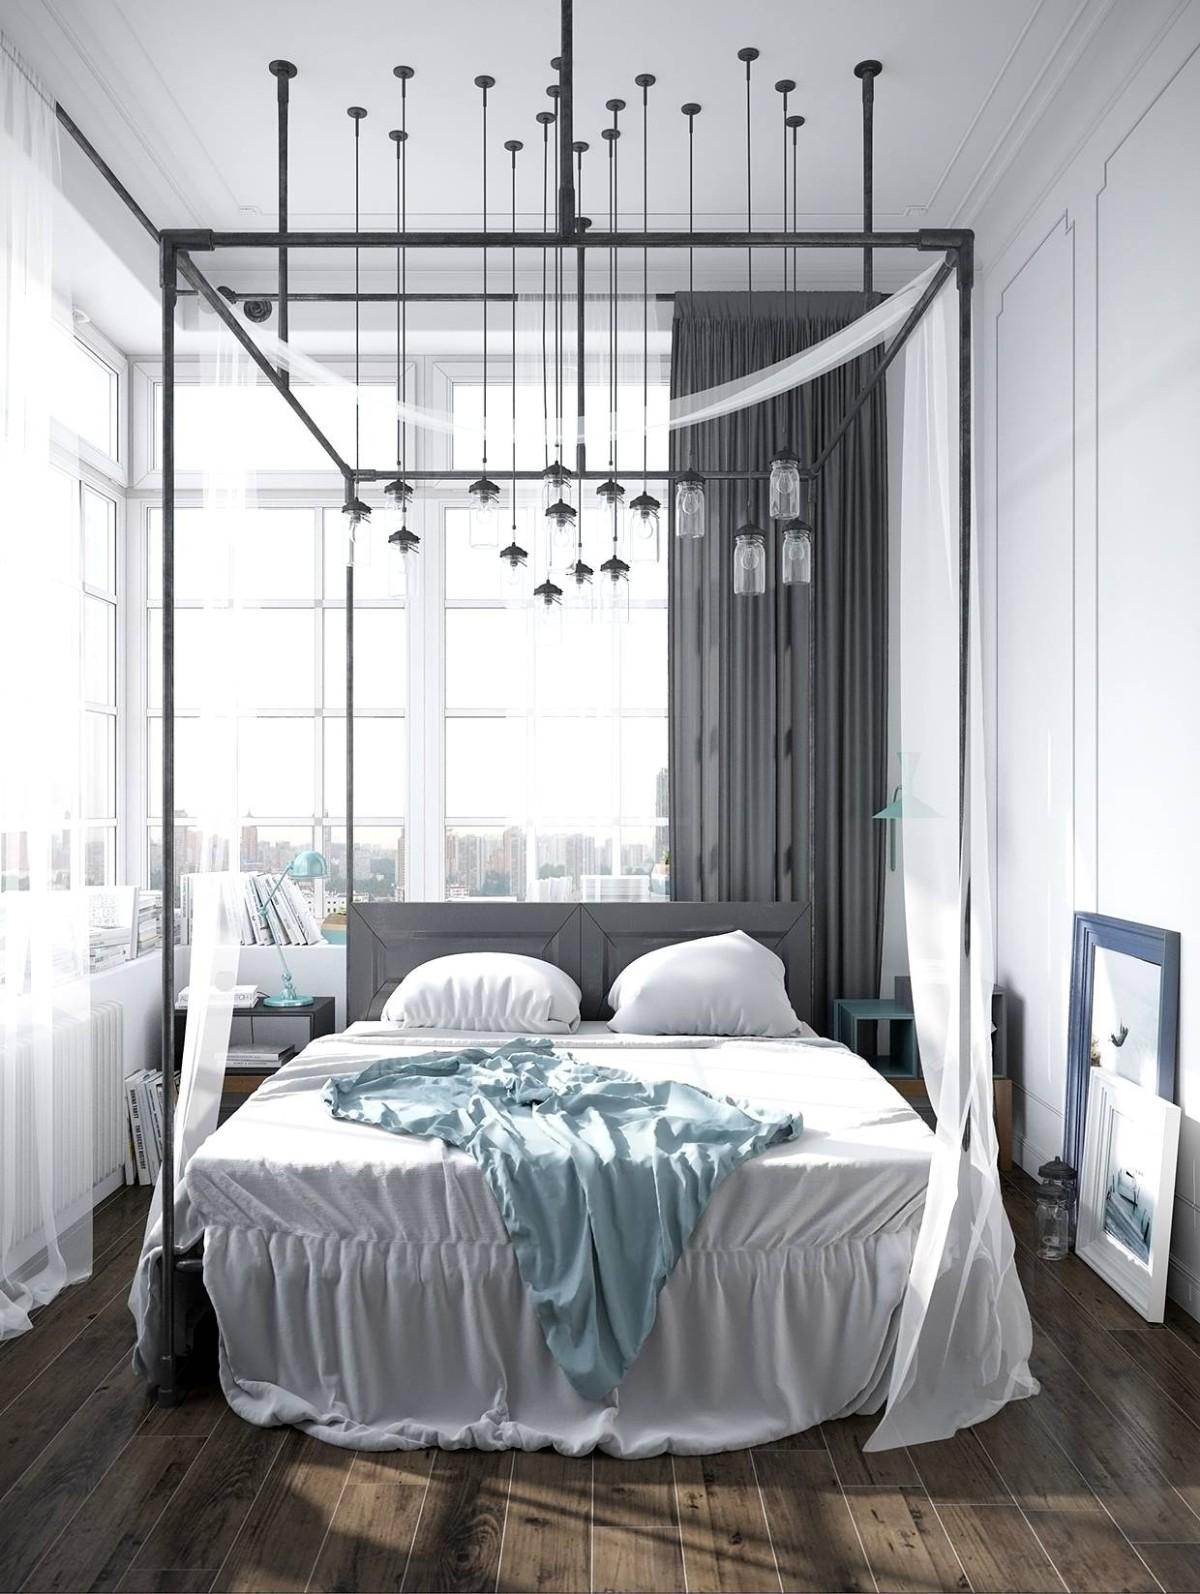 эффектная спальня в чёрно-белом цвете с высоким потолком